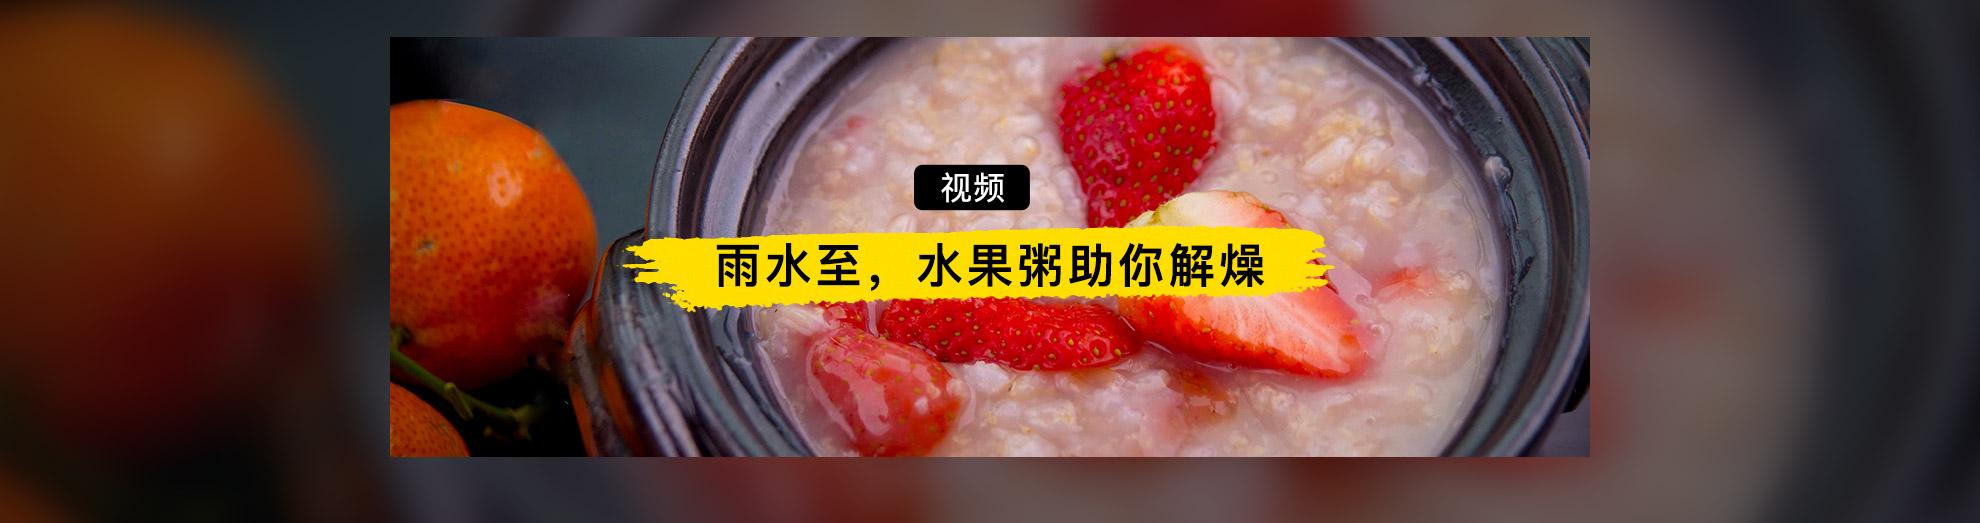 粥日食丨草莓糙米粥(做宝宝第一次营养粥)}